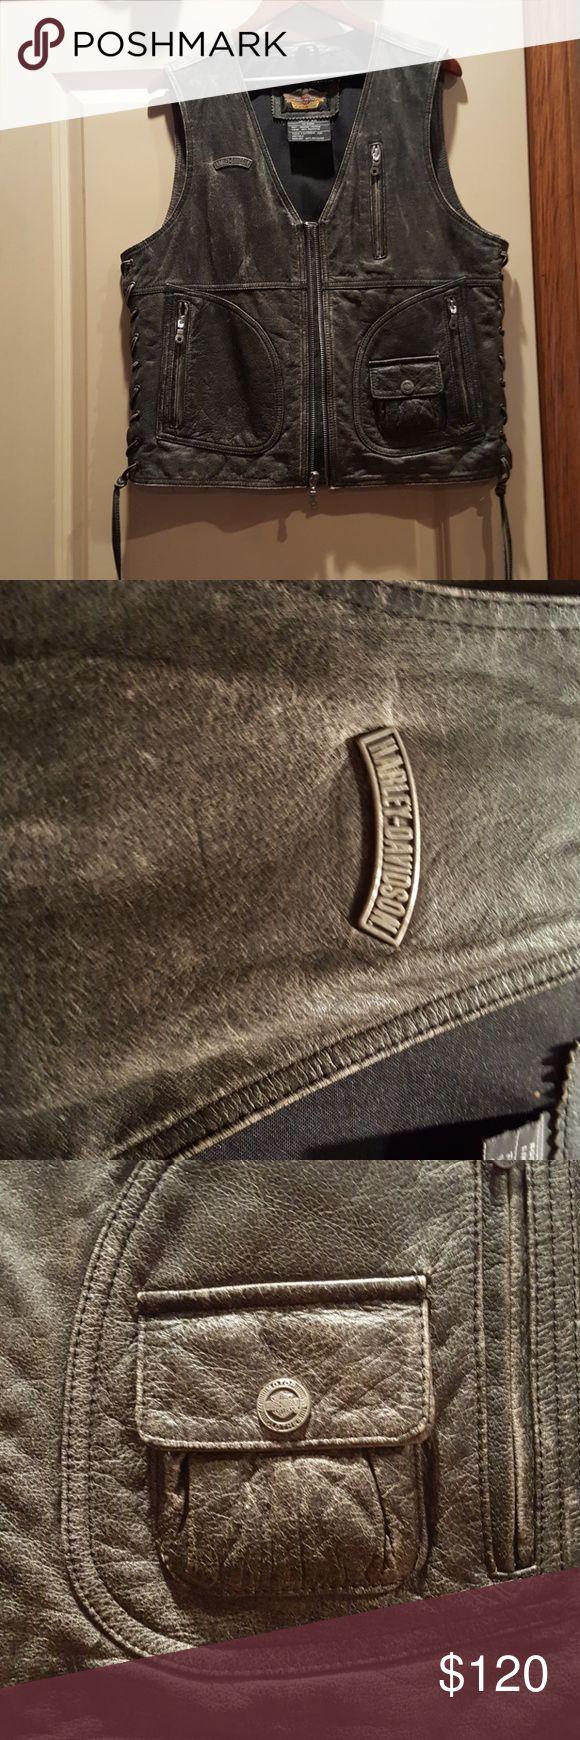 Harley Davidson leather vest. Mens. Genuine Harley Davidson merchandise.  Beautiful genuine leather, vintage look. Inside zippered pocket, as well as exterior pockets as pictured.  Mens. Harley-Davidson Jackets & Coats Vests